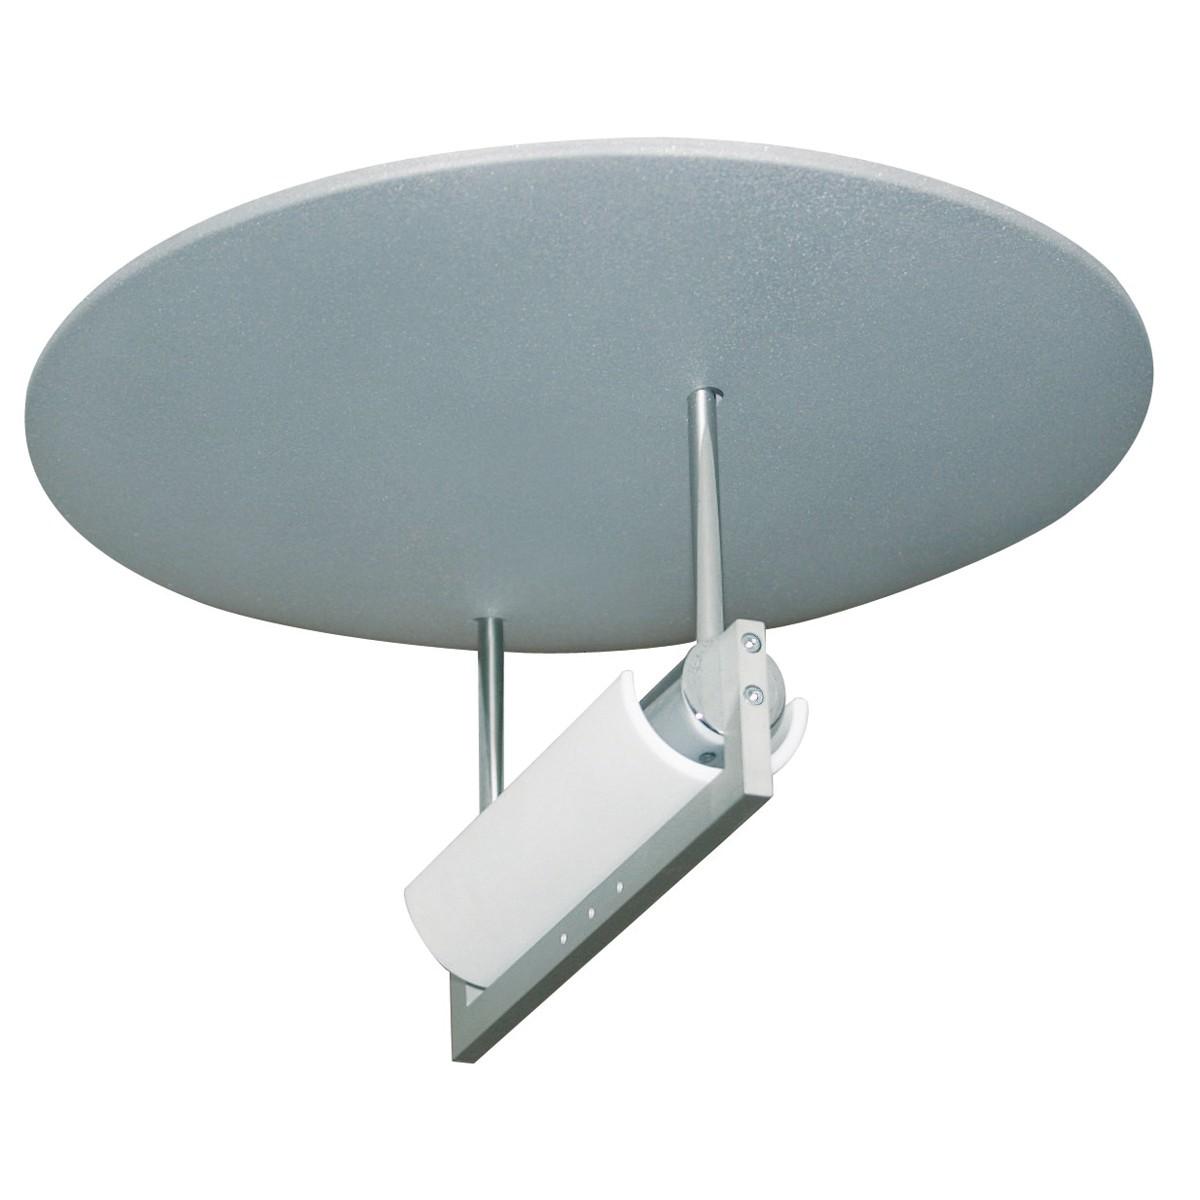 Oligo Round About Deckenleuchte, Ø: 47 cm, Reflektor: weiß matt